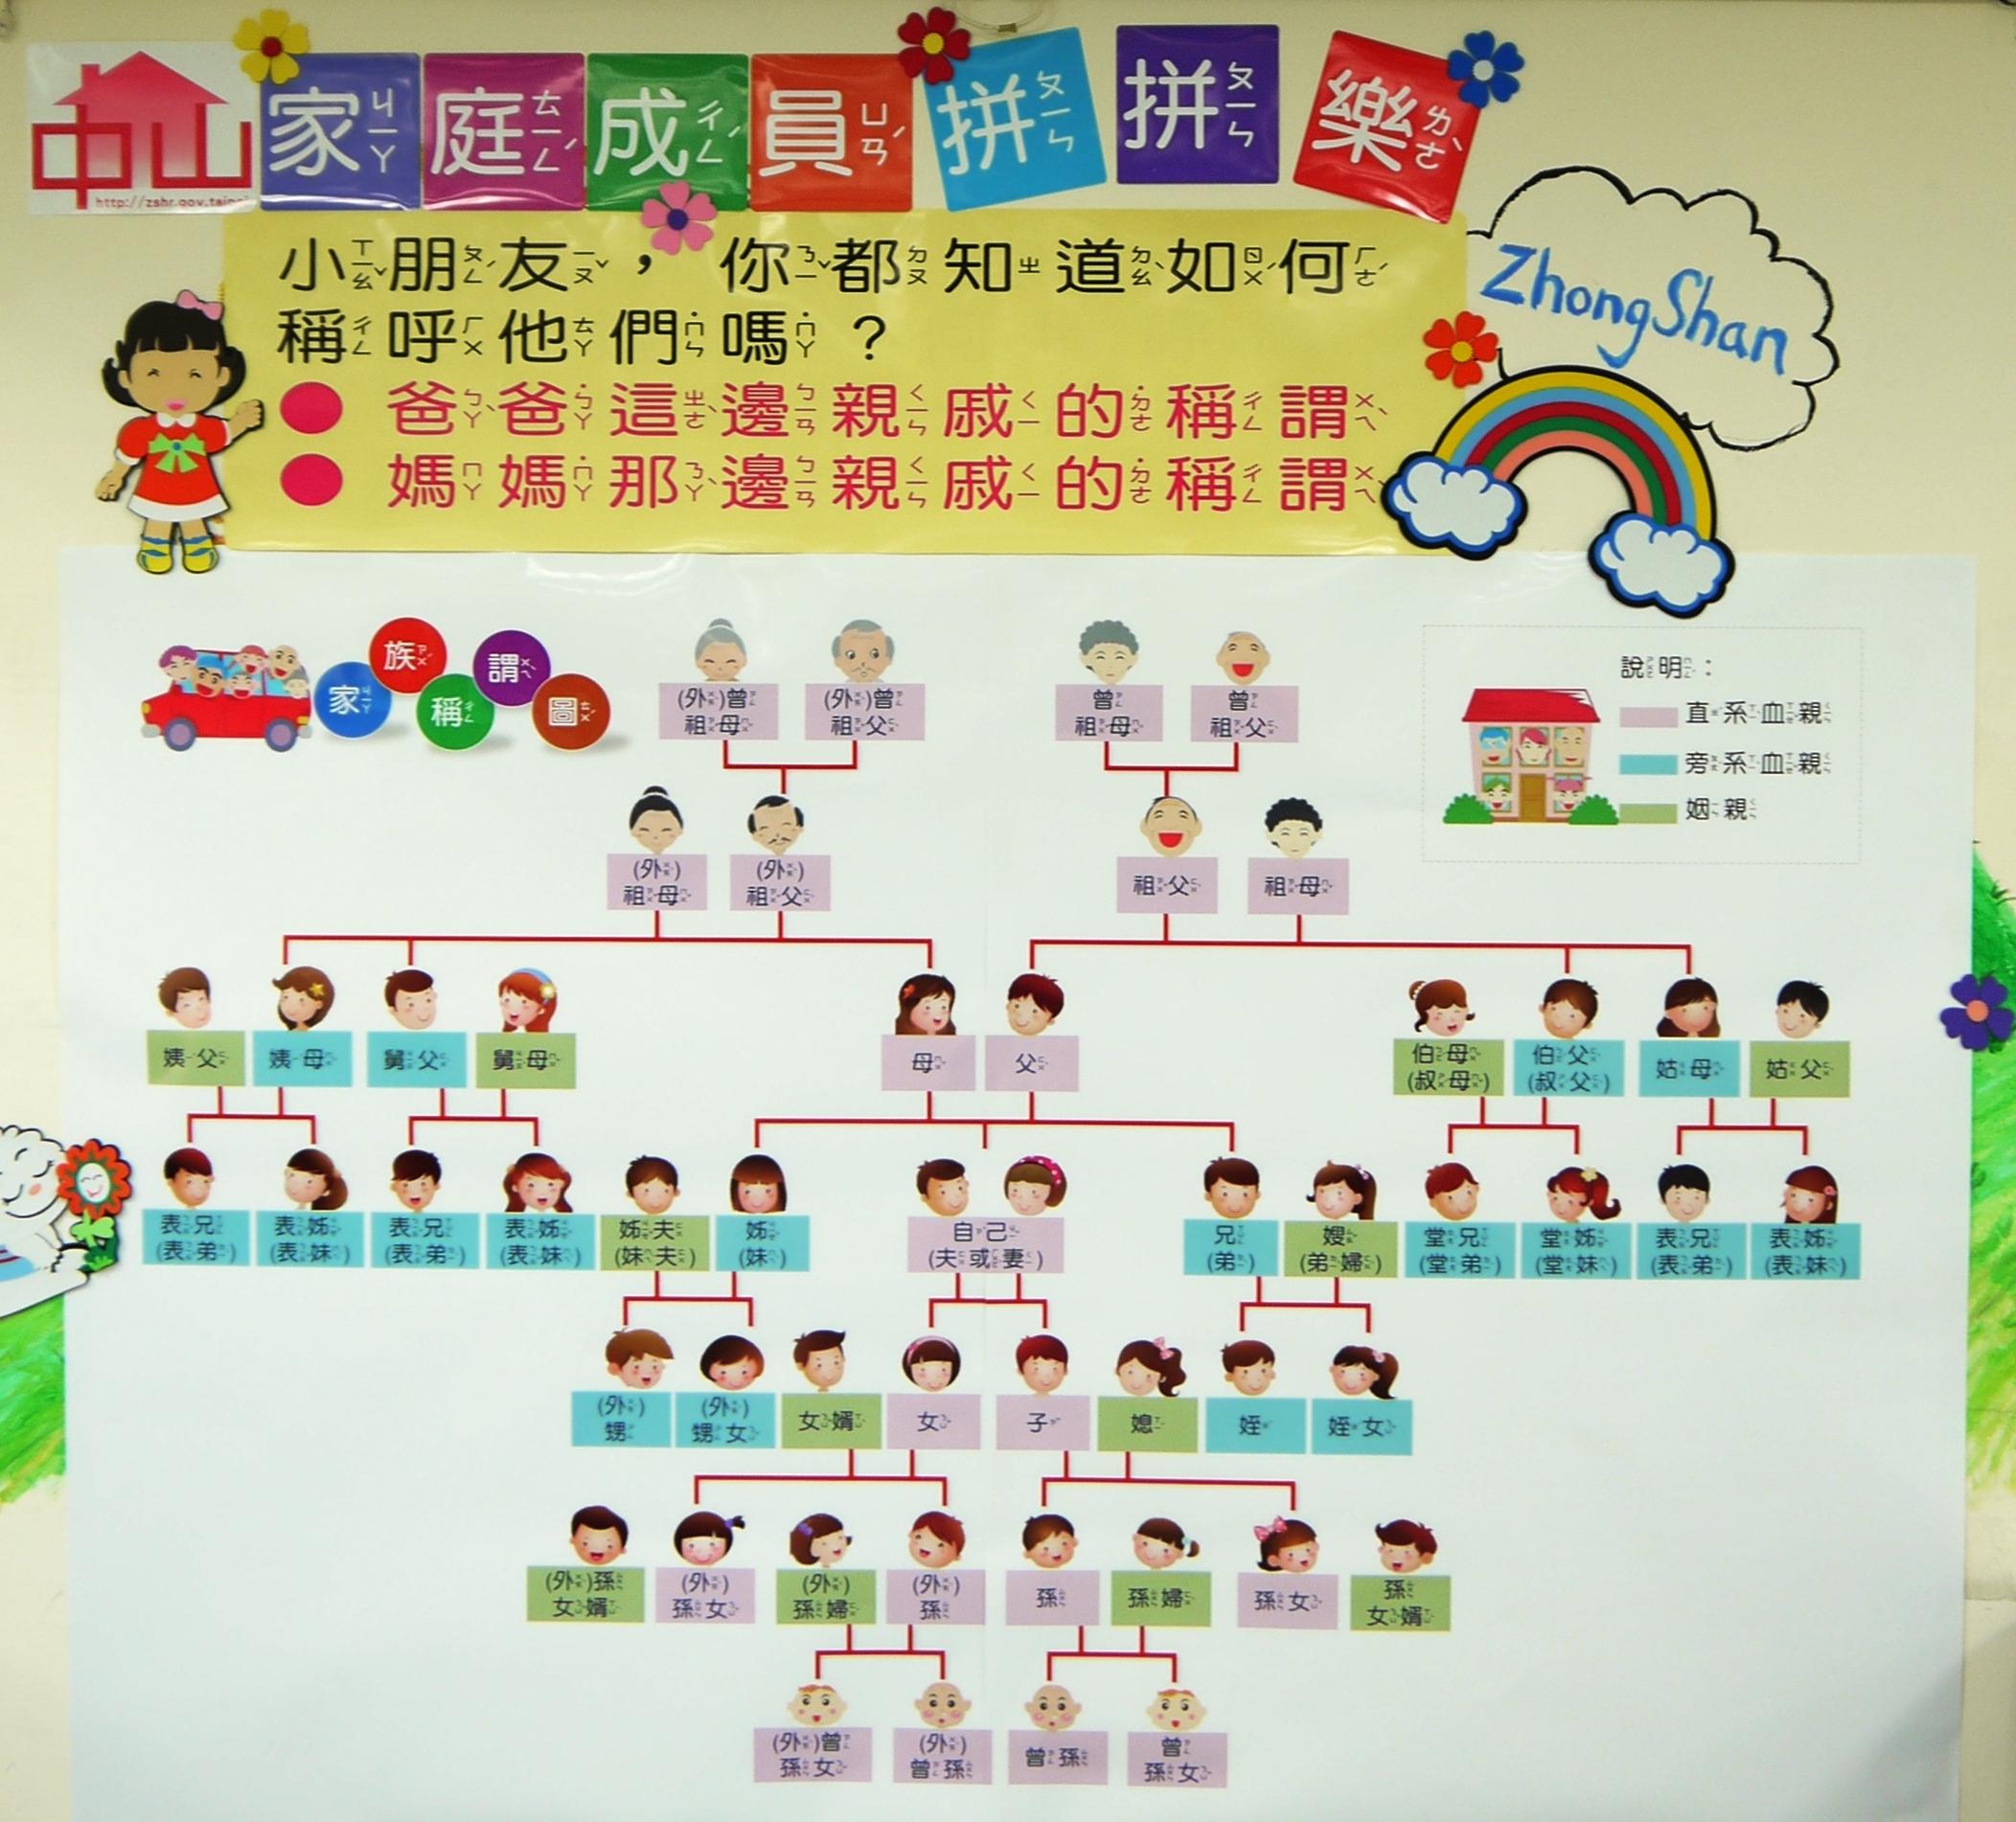 中山戶所兒童遊戲區推出「家庭成員拼拼樂-認識稱謂」活動